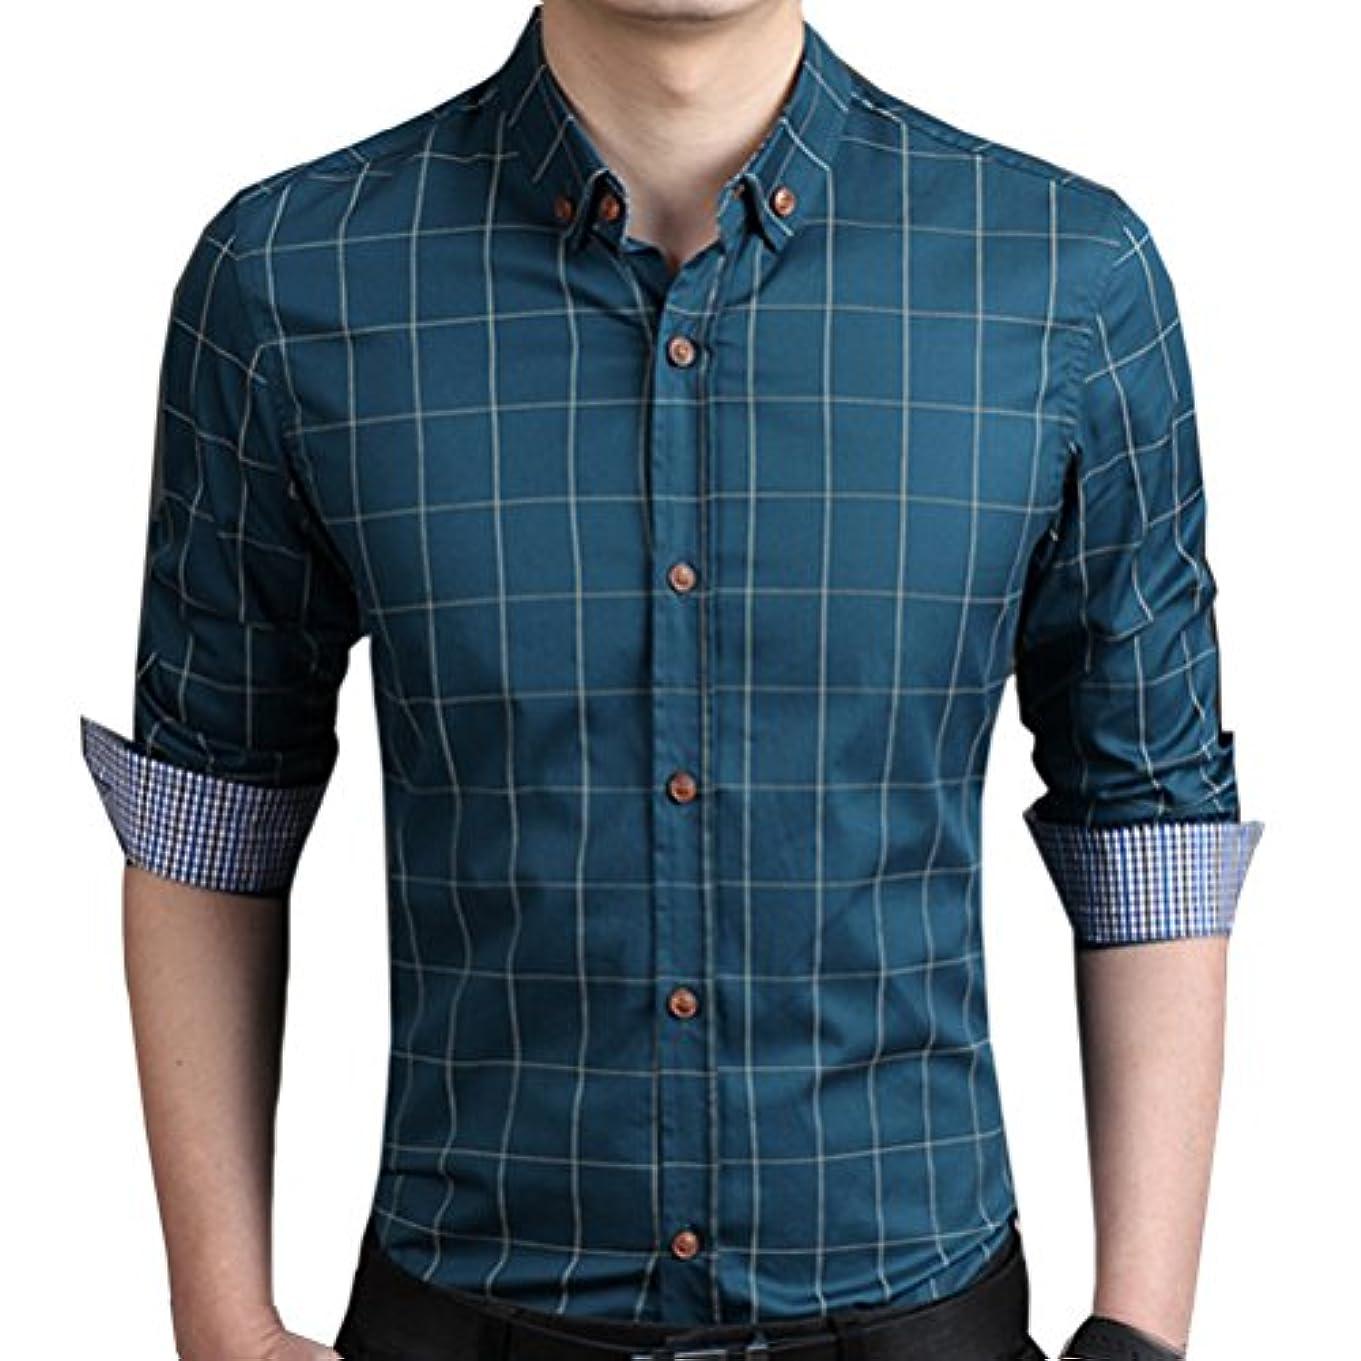 アラスカ地域茎輝姫 ブラウス  チェック柄  折り袖 長袖  ボタン  メンズ  シャツ カジュアル  ビジネス  スリム ファッション (XL, ダークブルー)